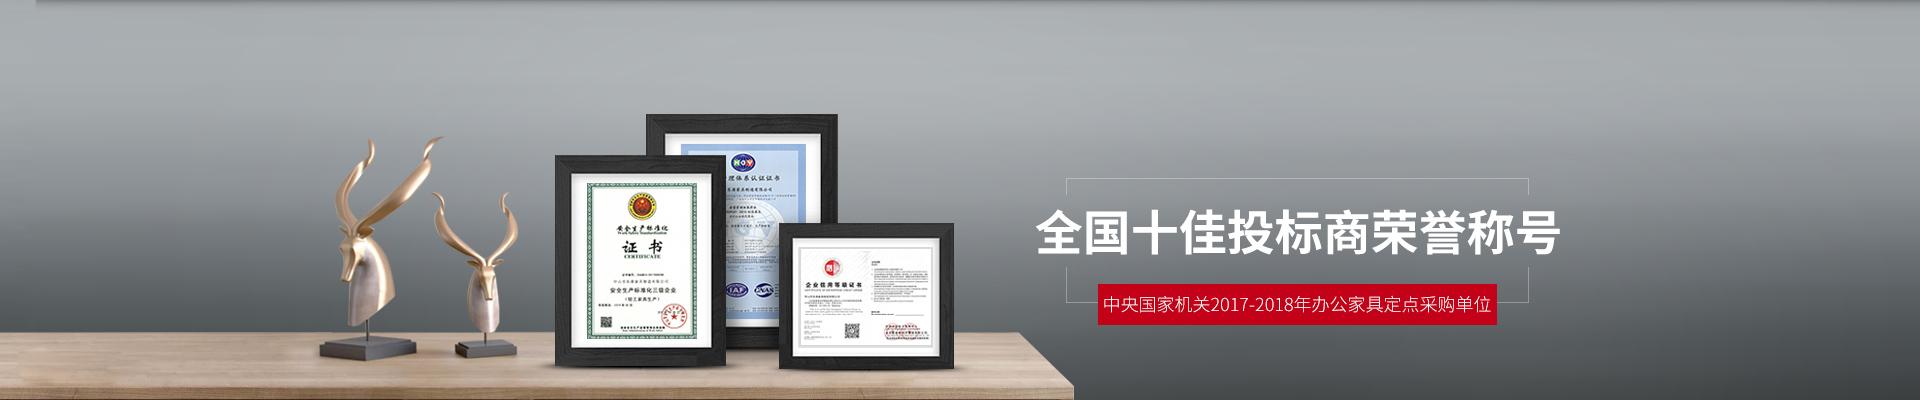 东港家具-全国十佳投标商荣誉称号